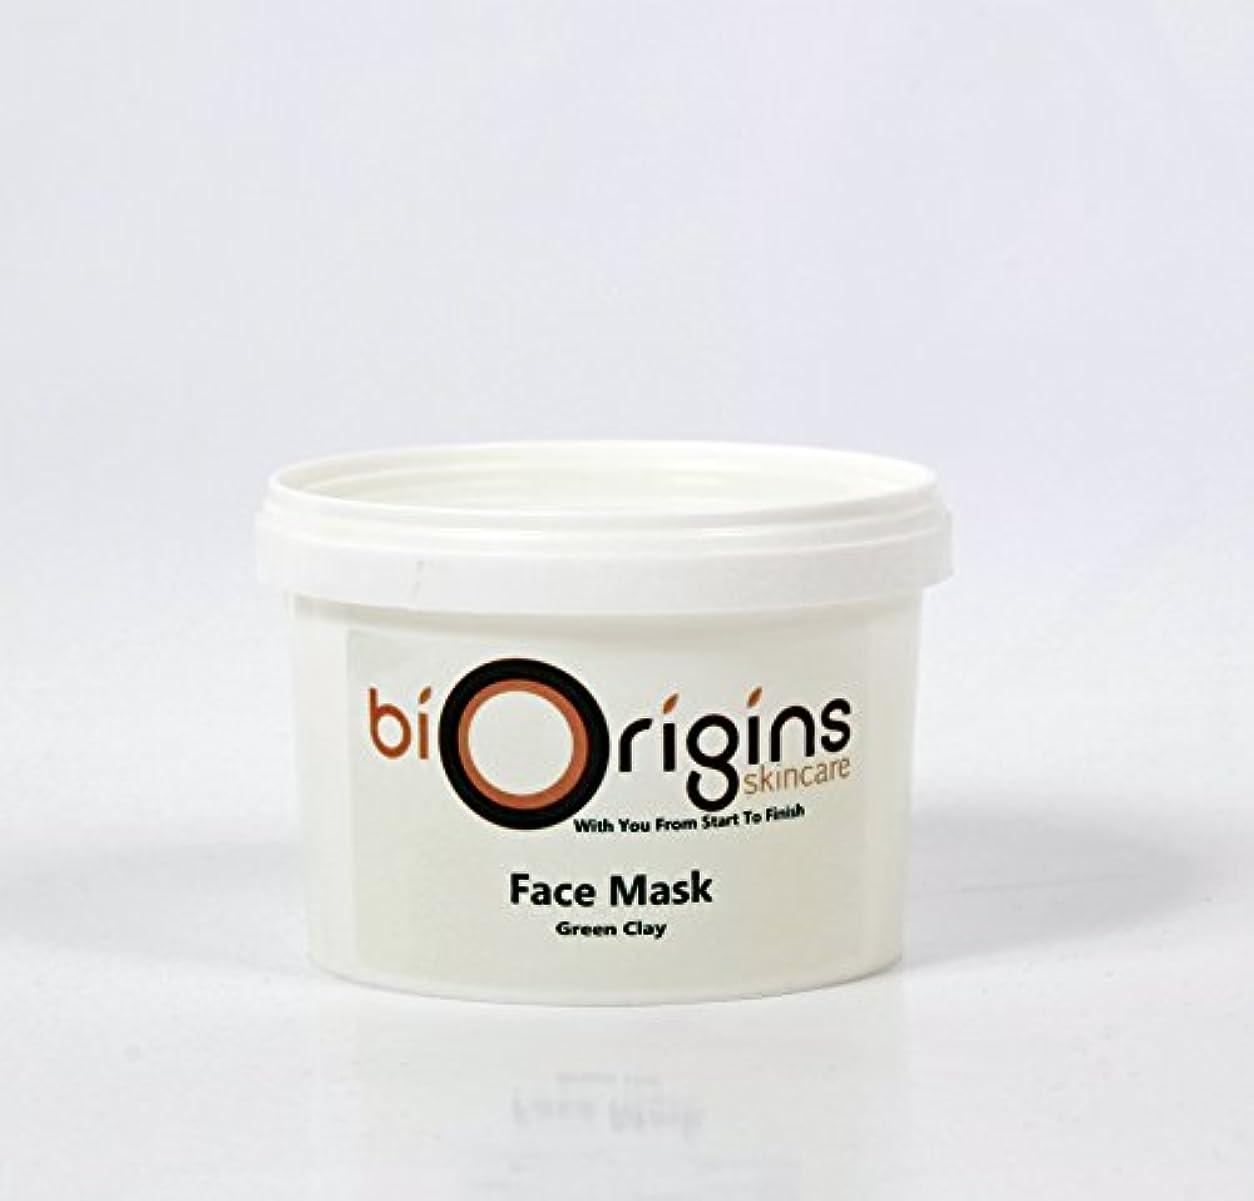 ニコチンレンド群衆Face Mask - Green Clay - Botanical Skincare Base - 500g